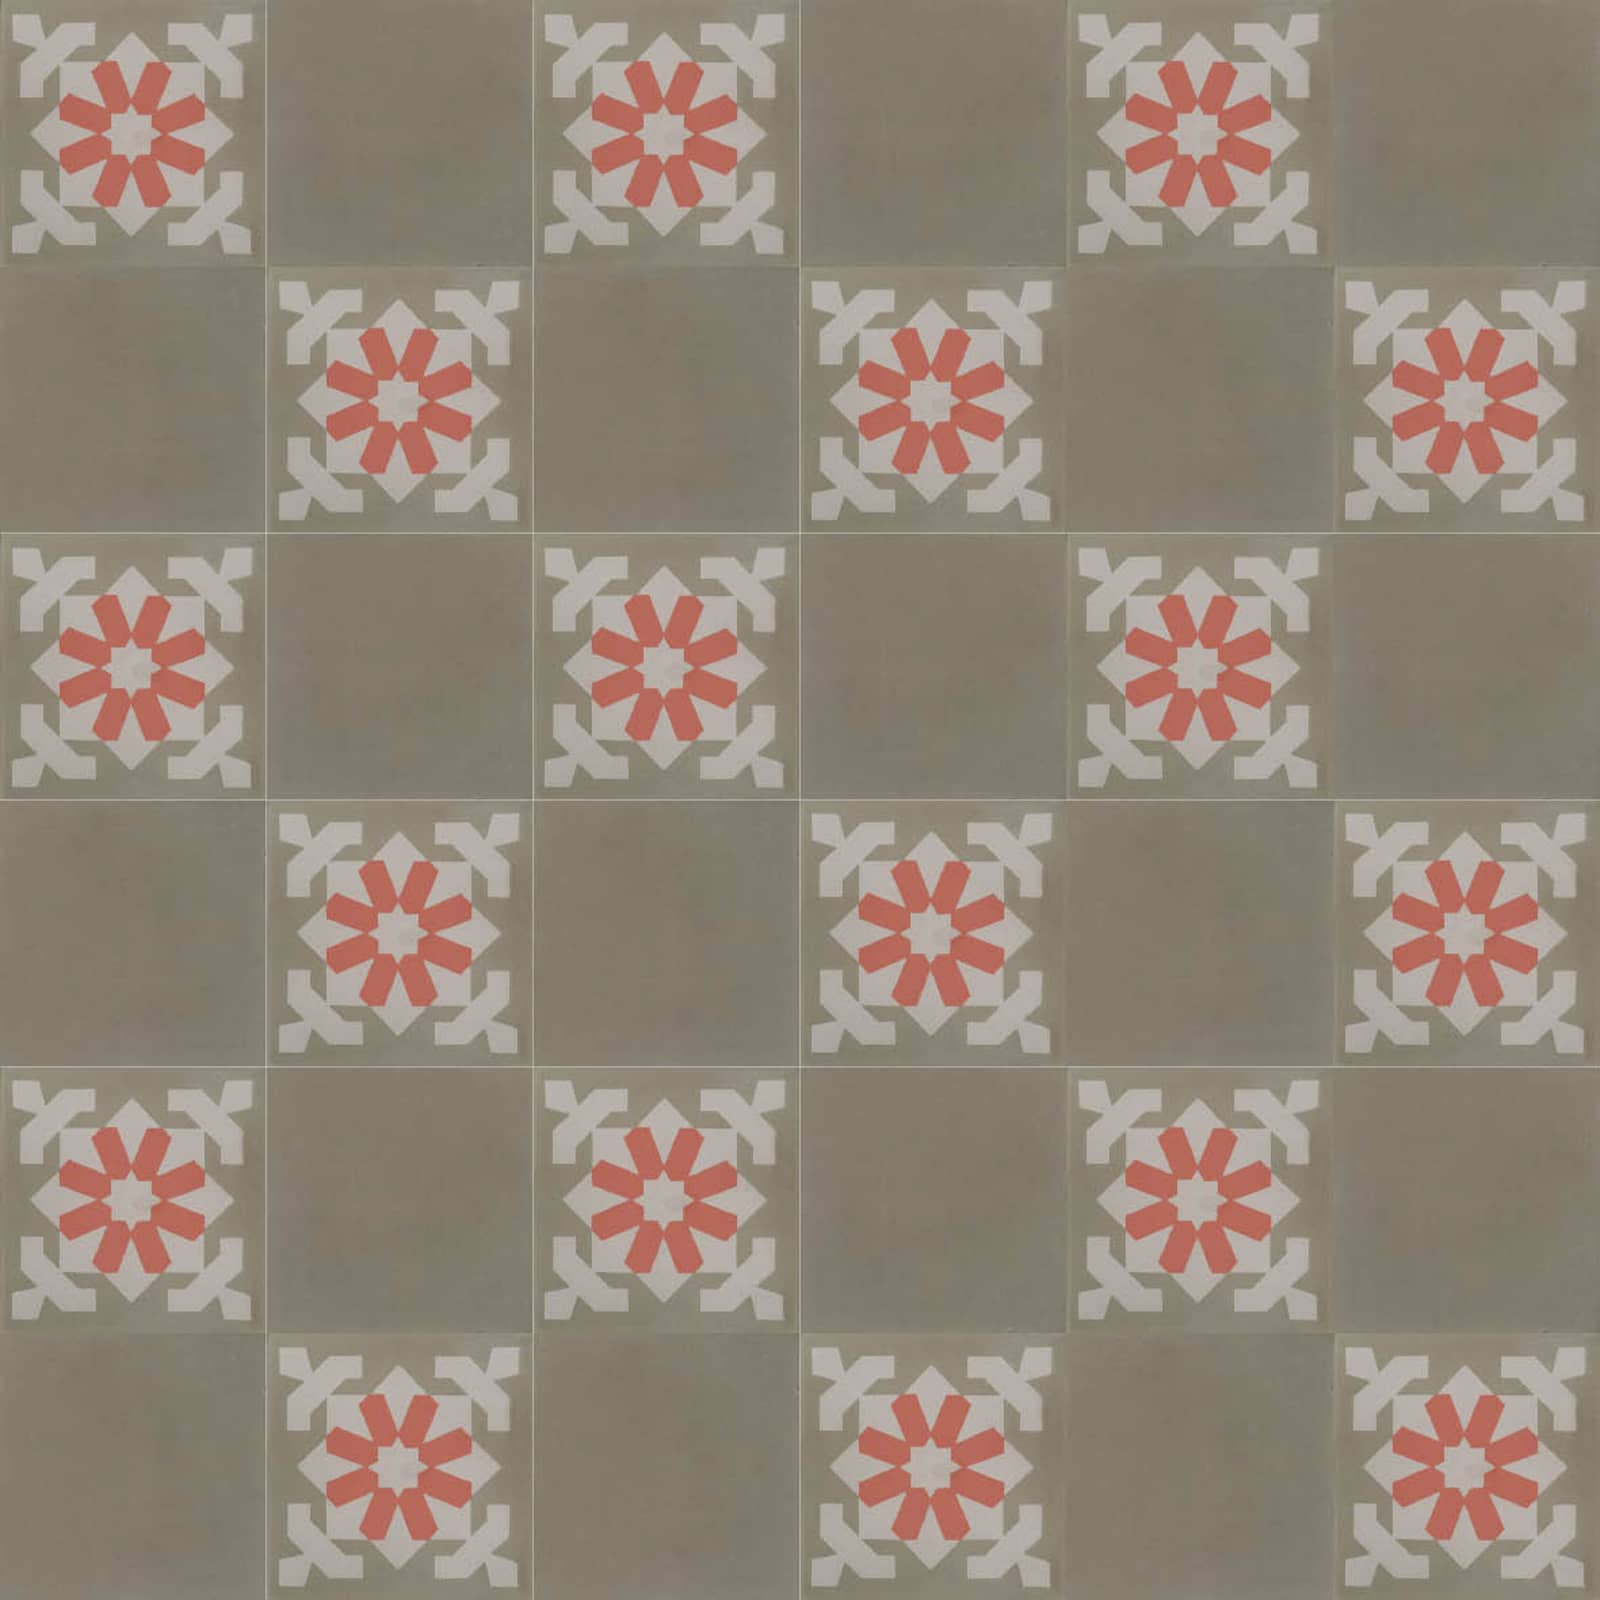 zementfliesen-terrazzofliesen-kreidefarbe-terrazzo-fugenlos-viaplatten-13432-verlegemuster-B | 13432